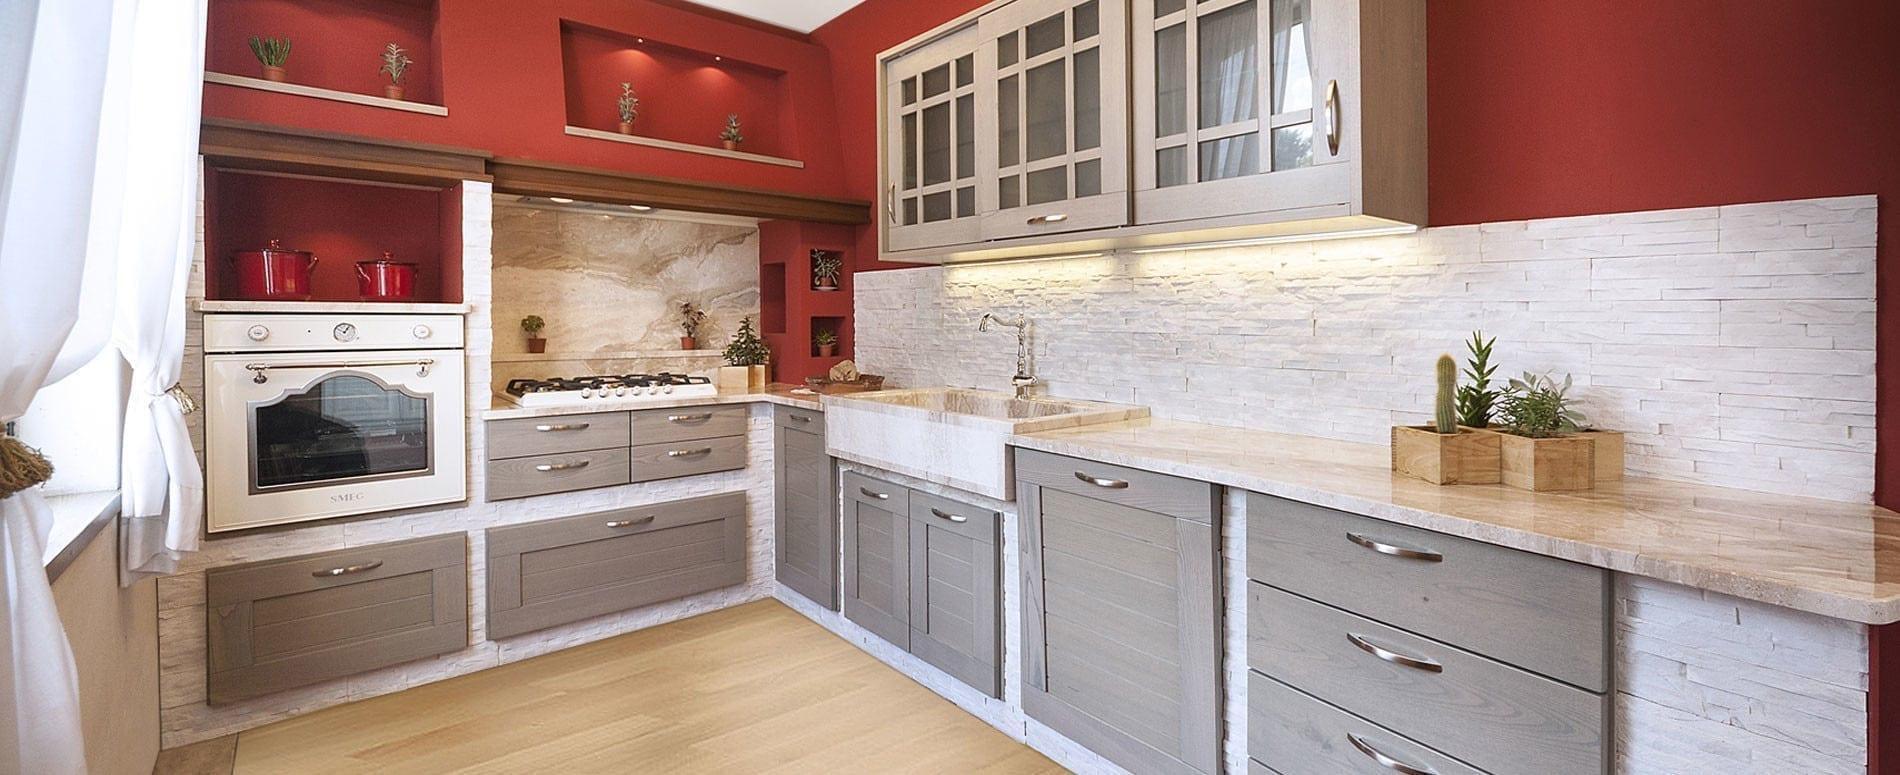 Ufficio lavoro lucca : Pg arredamenti centro cucine su misura lucca pg arredamenti lucca